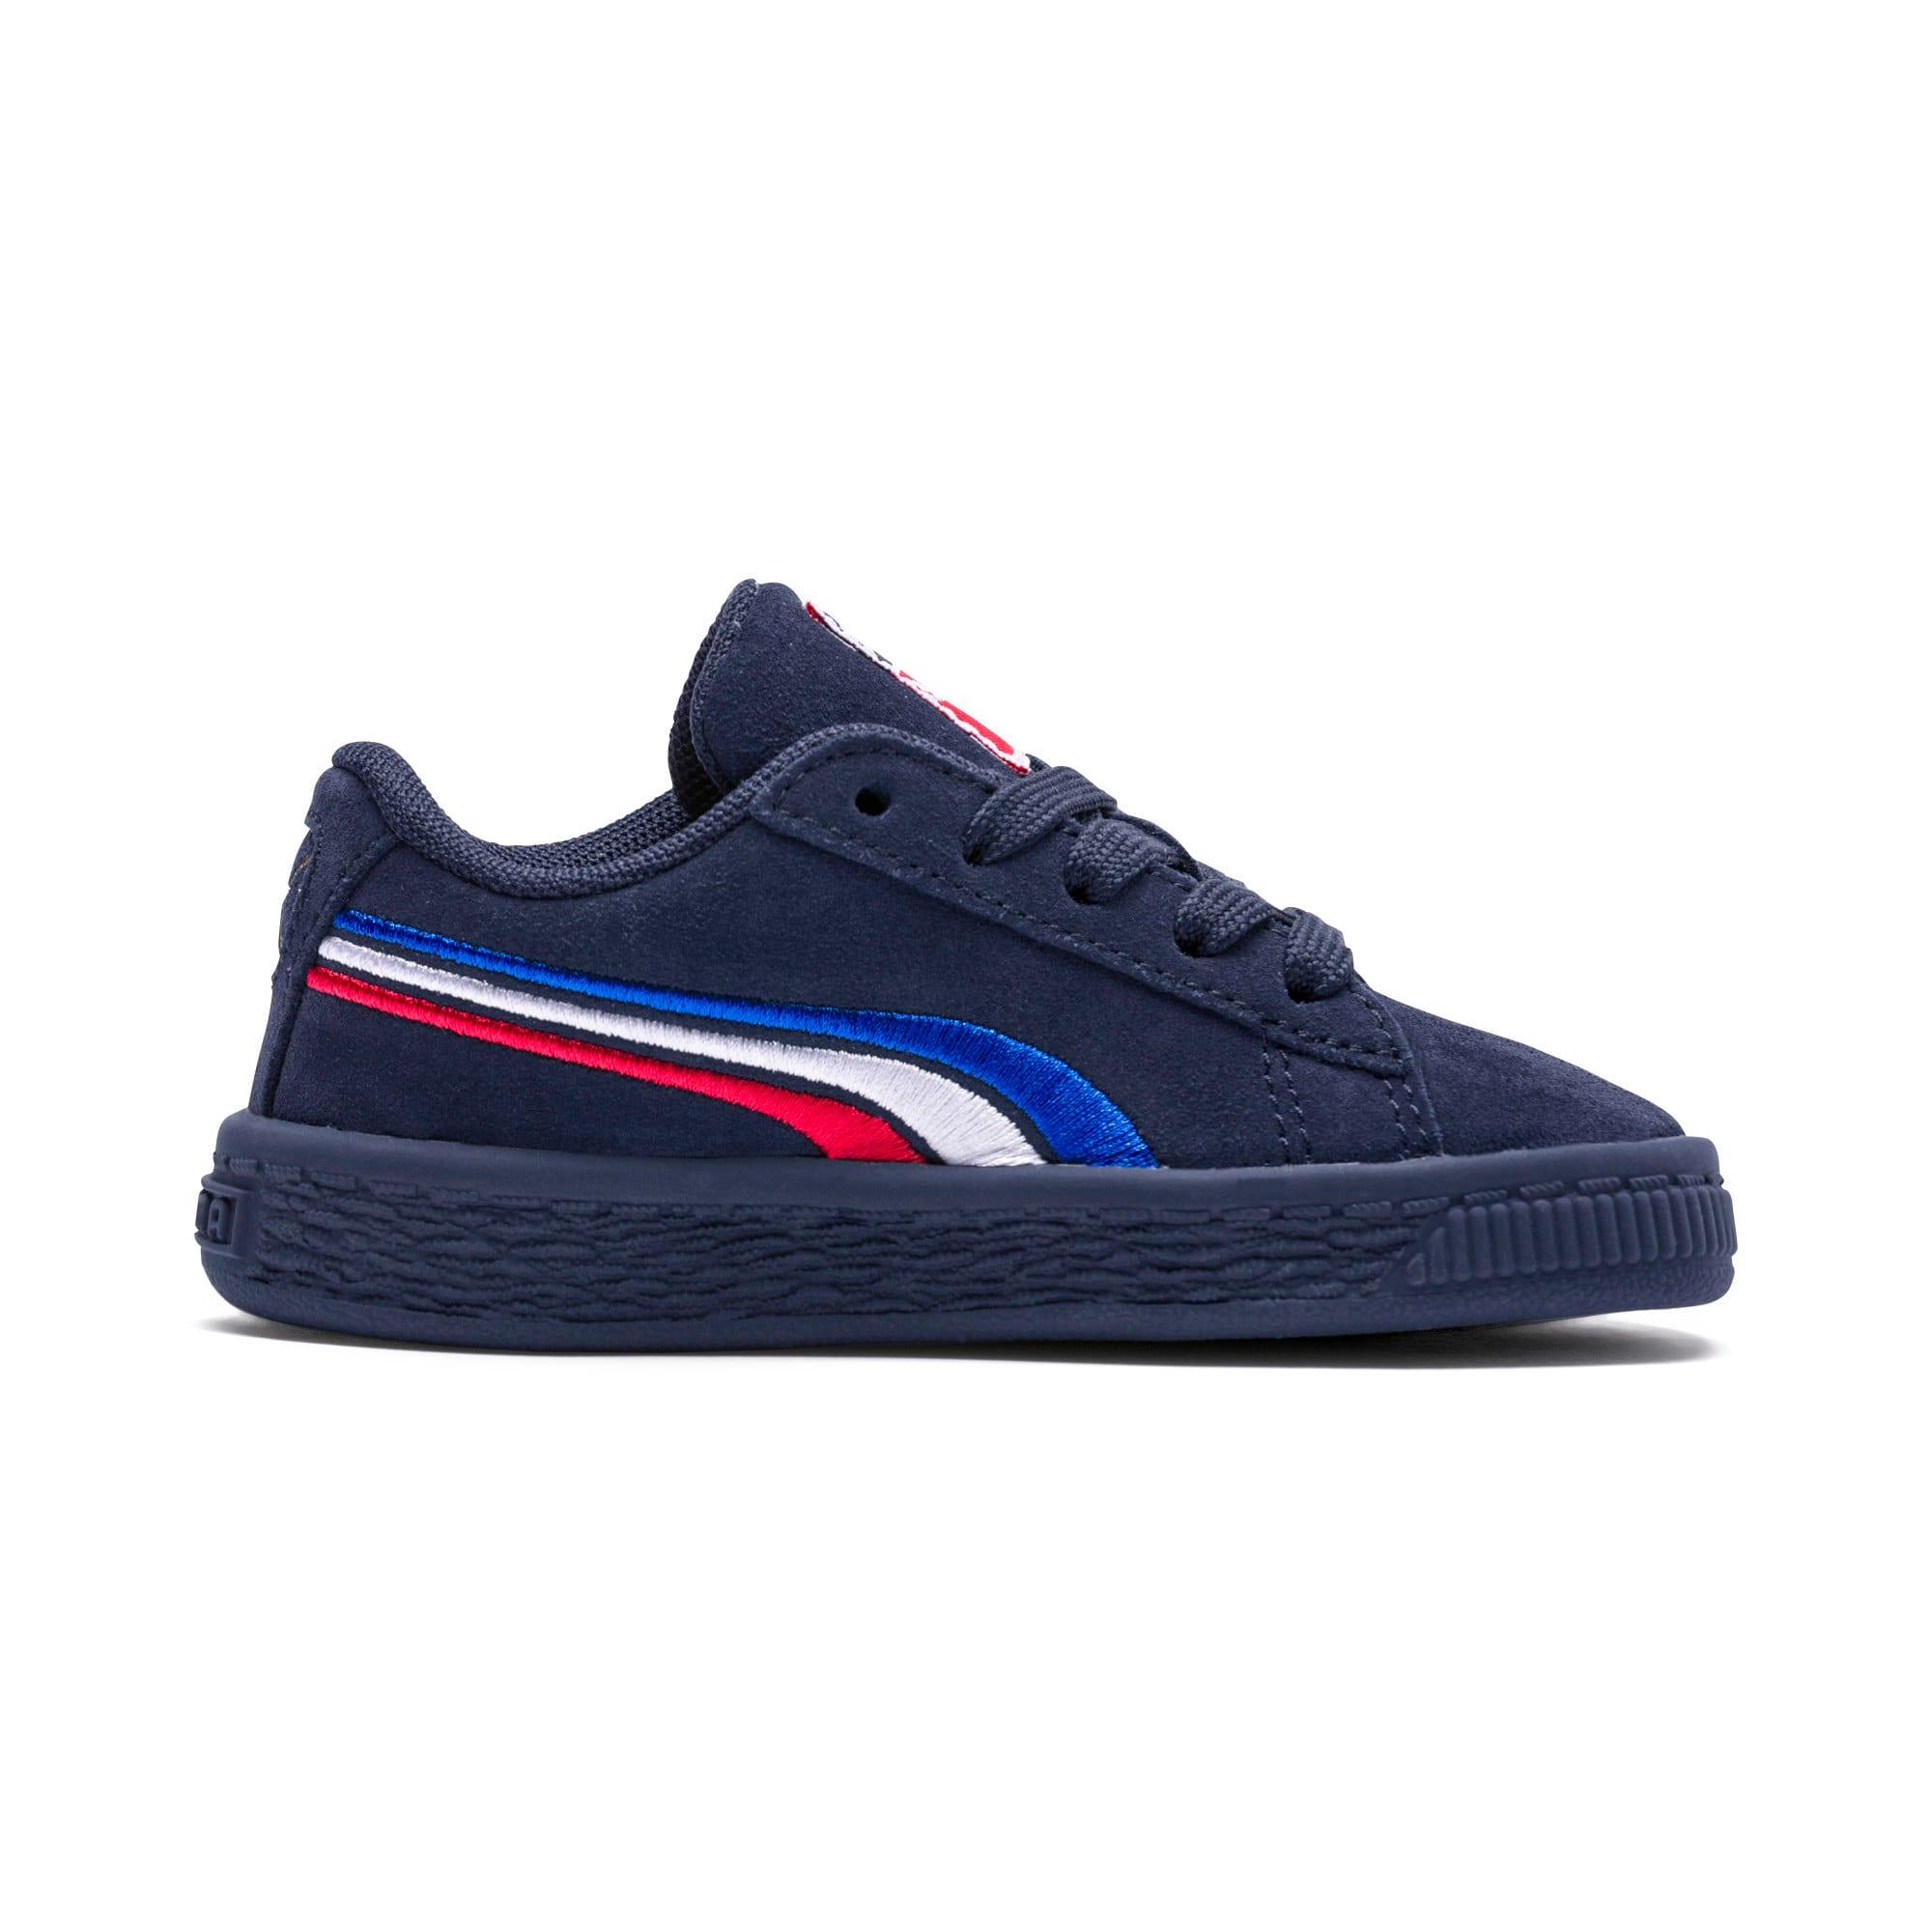 Miniatura 5 de Zapatos Suede Classic con bordado multicolor para niño pequeño, Peacoat-Blanco-Rojo-Azul, mediano